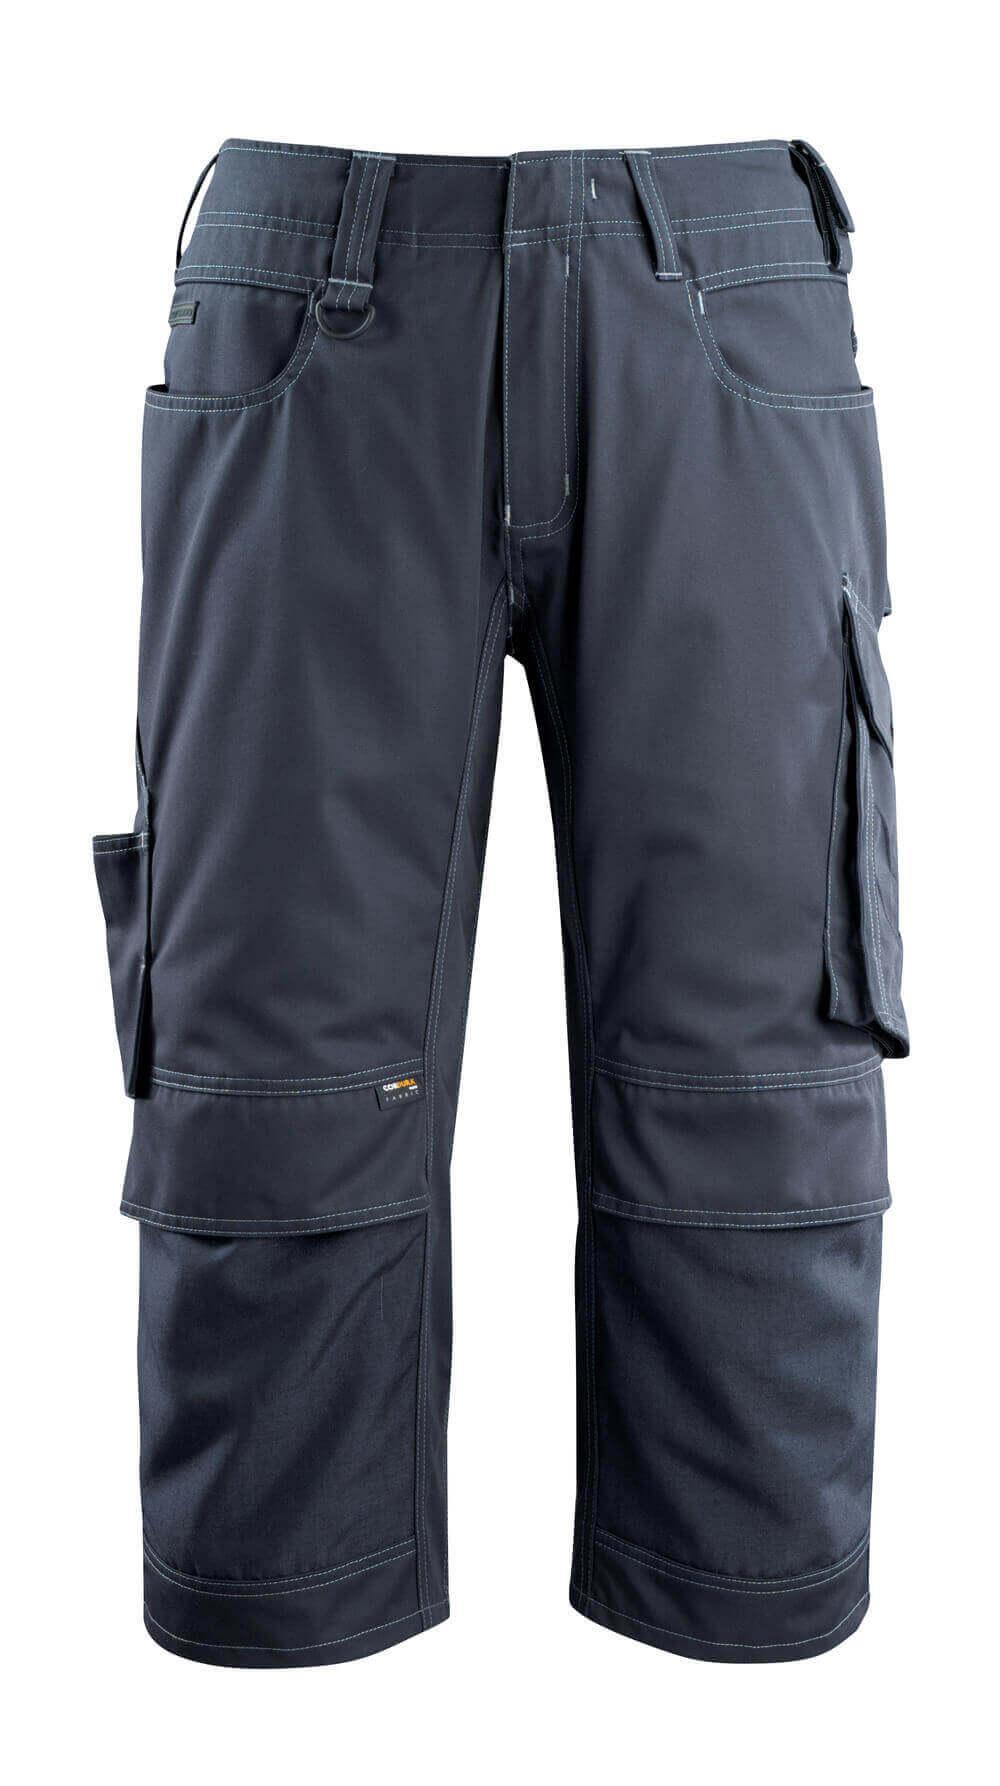 14249-442-010 ¾-housut polvitaskuilla - syvä tummansininen